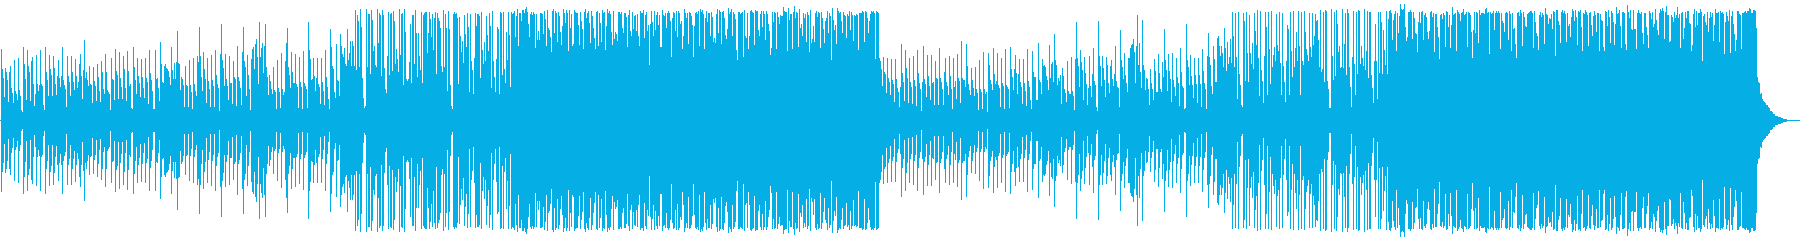 疾走感/情緒的/ハウスロック_474_1の再生済みの波形